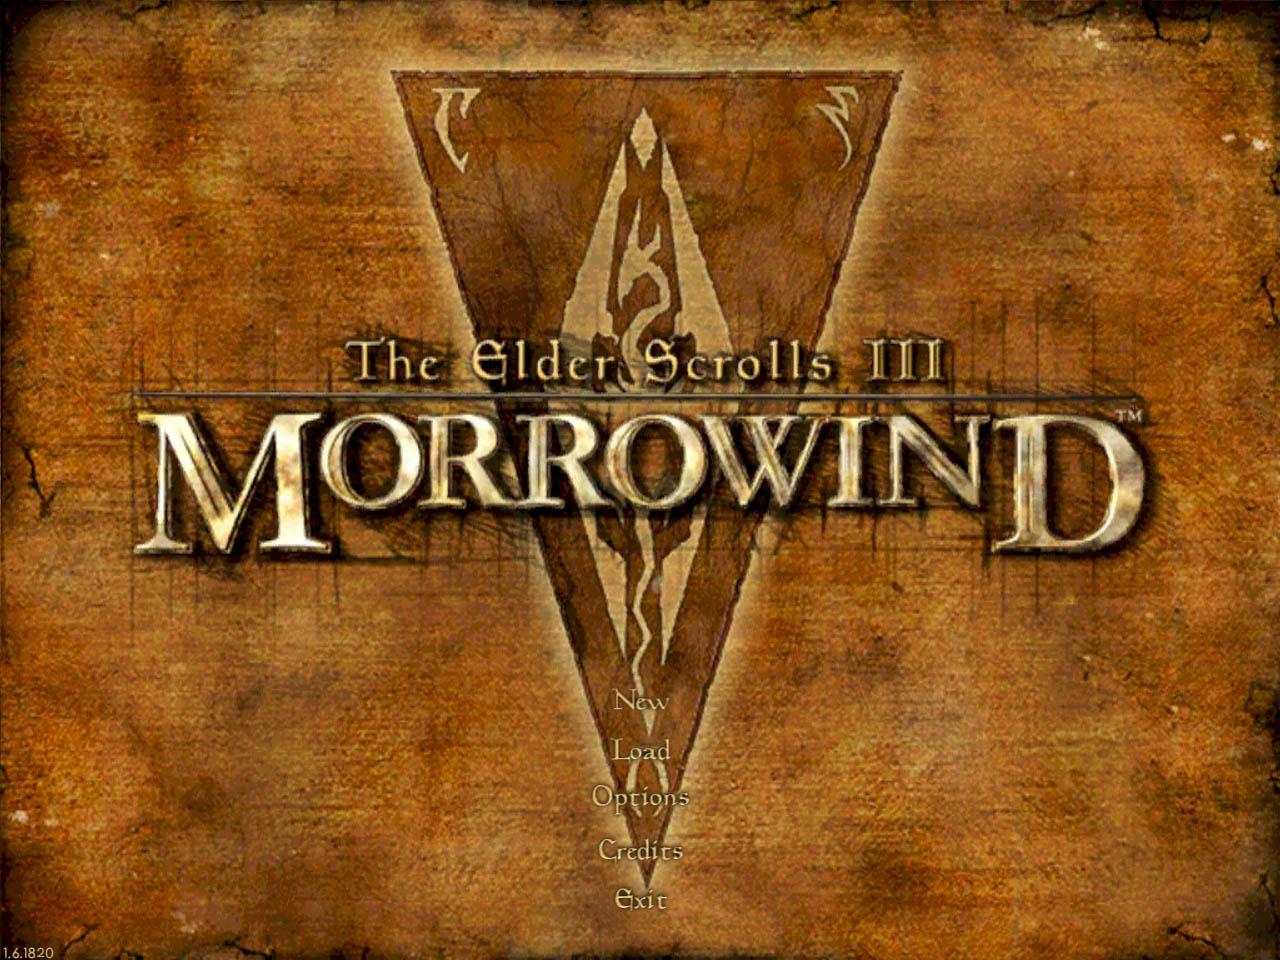 Elder scrolls morrowind pc 01